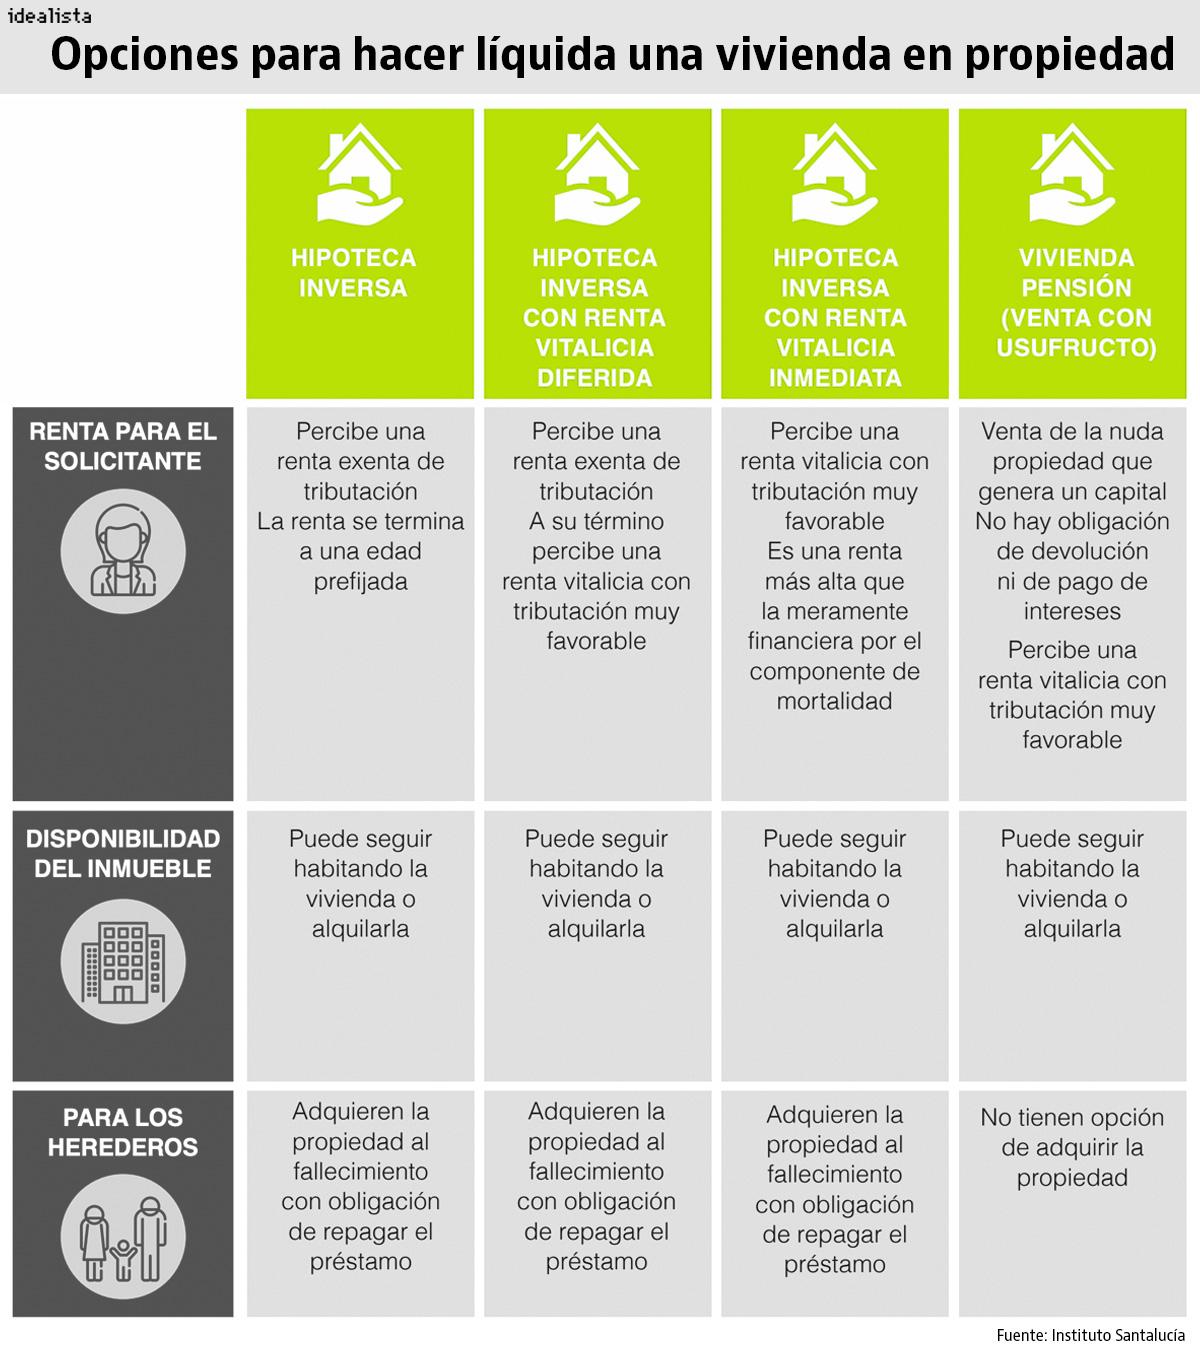 Fuente: Instituto Santalucía